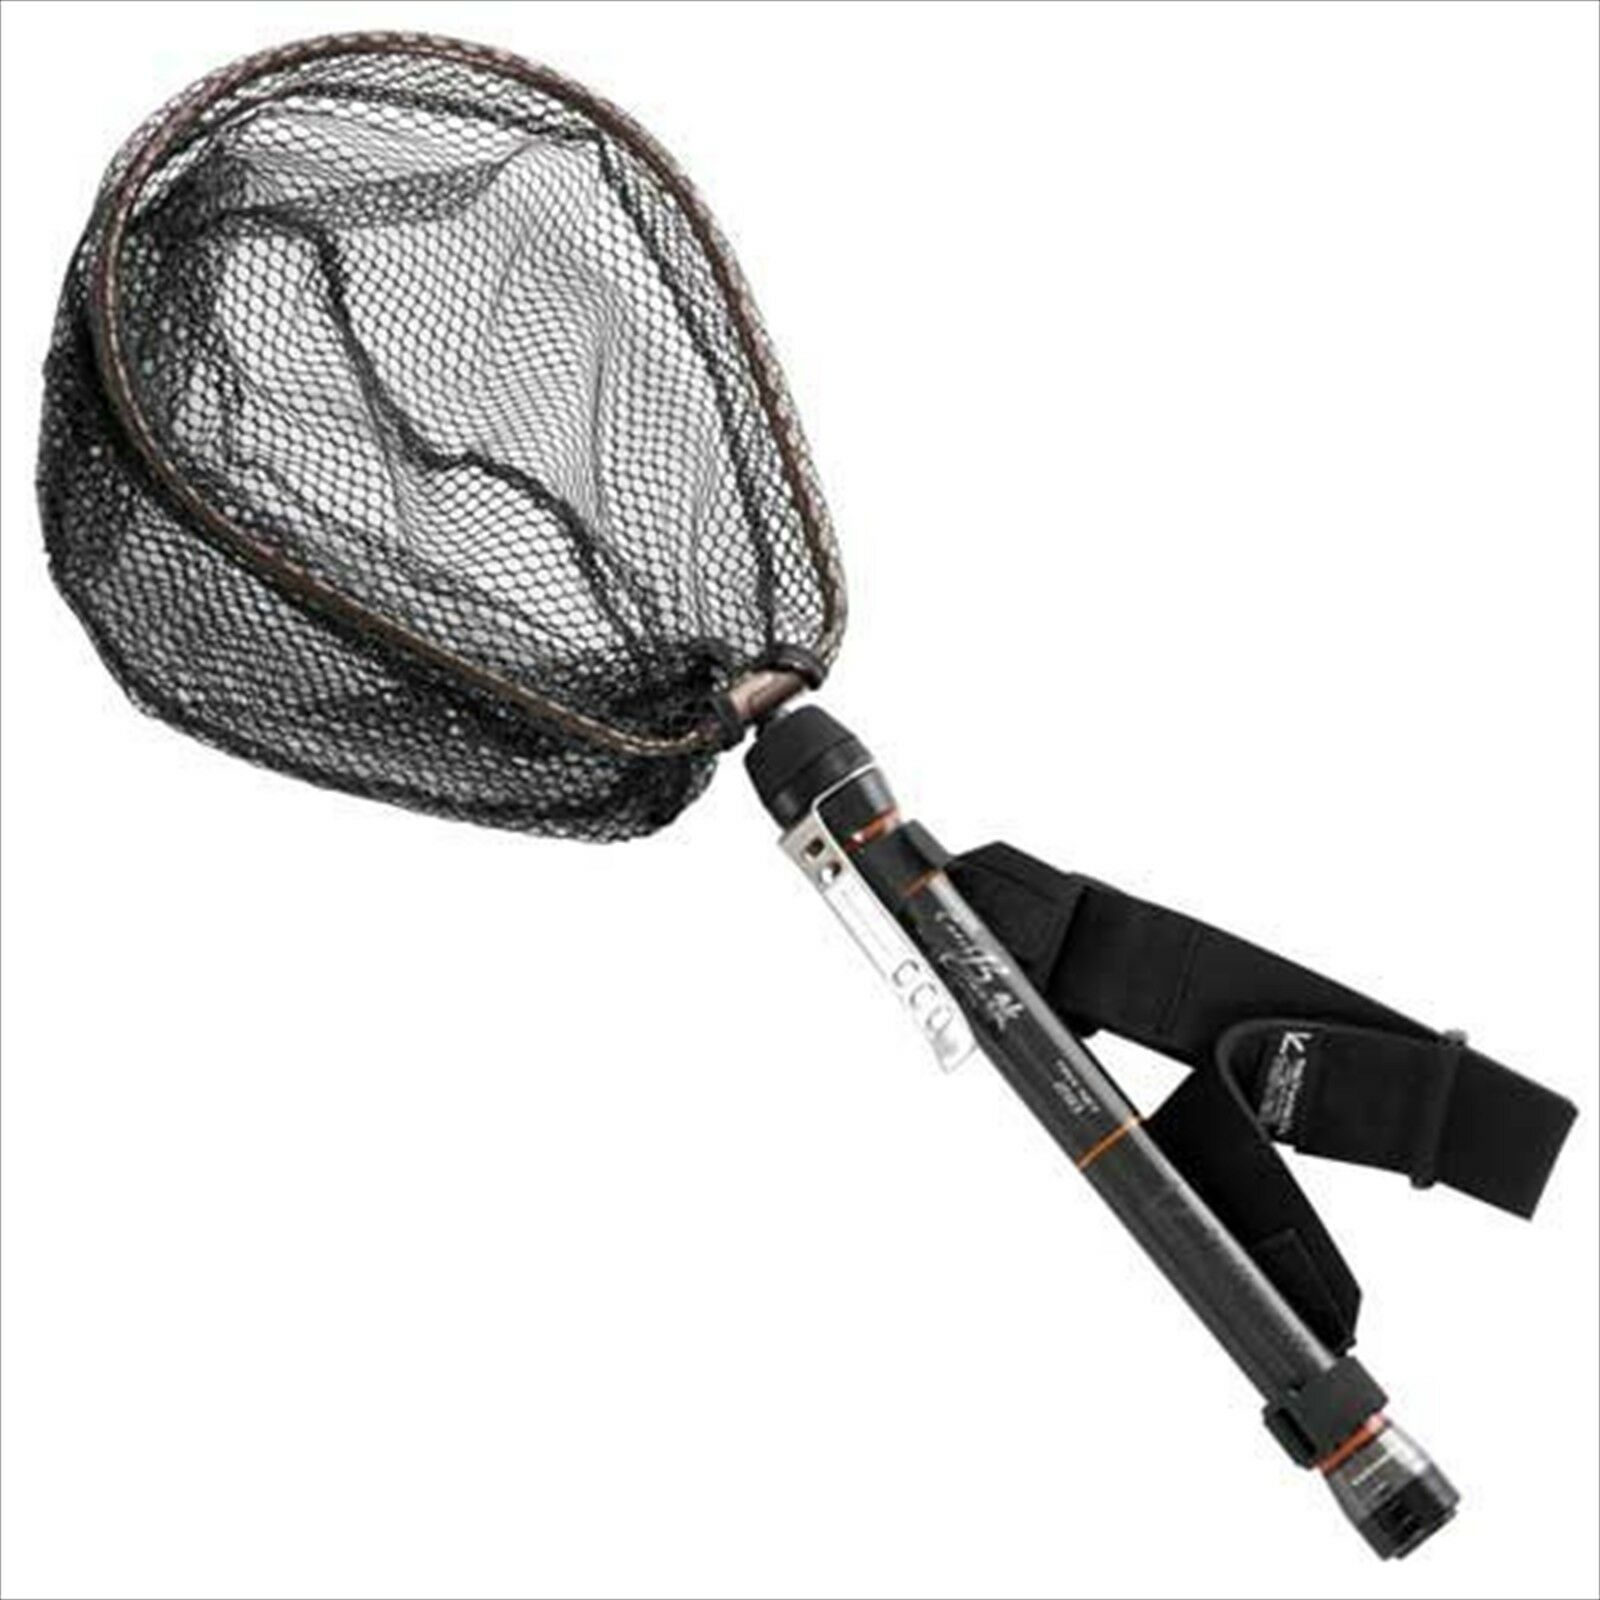 Tailwalk catchbar Kai pequeño Net 210 16954 herramienta de aterrizaje corta neta